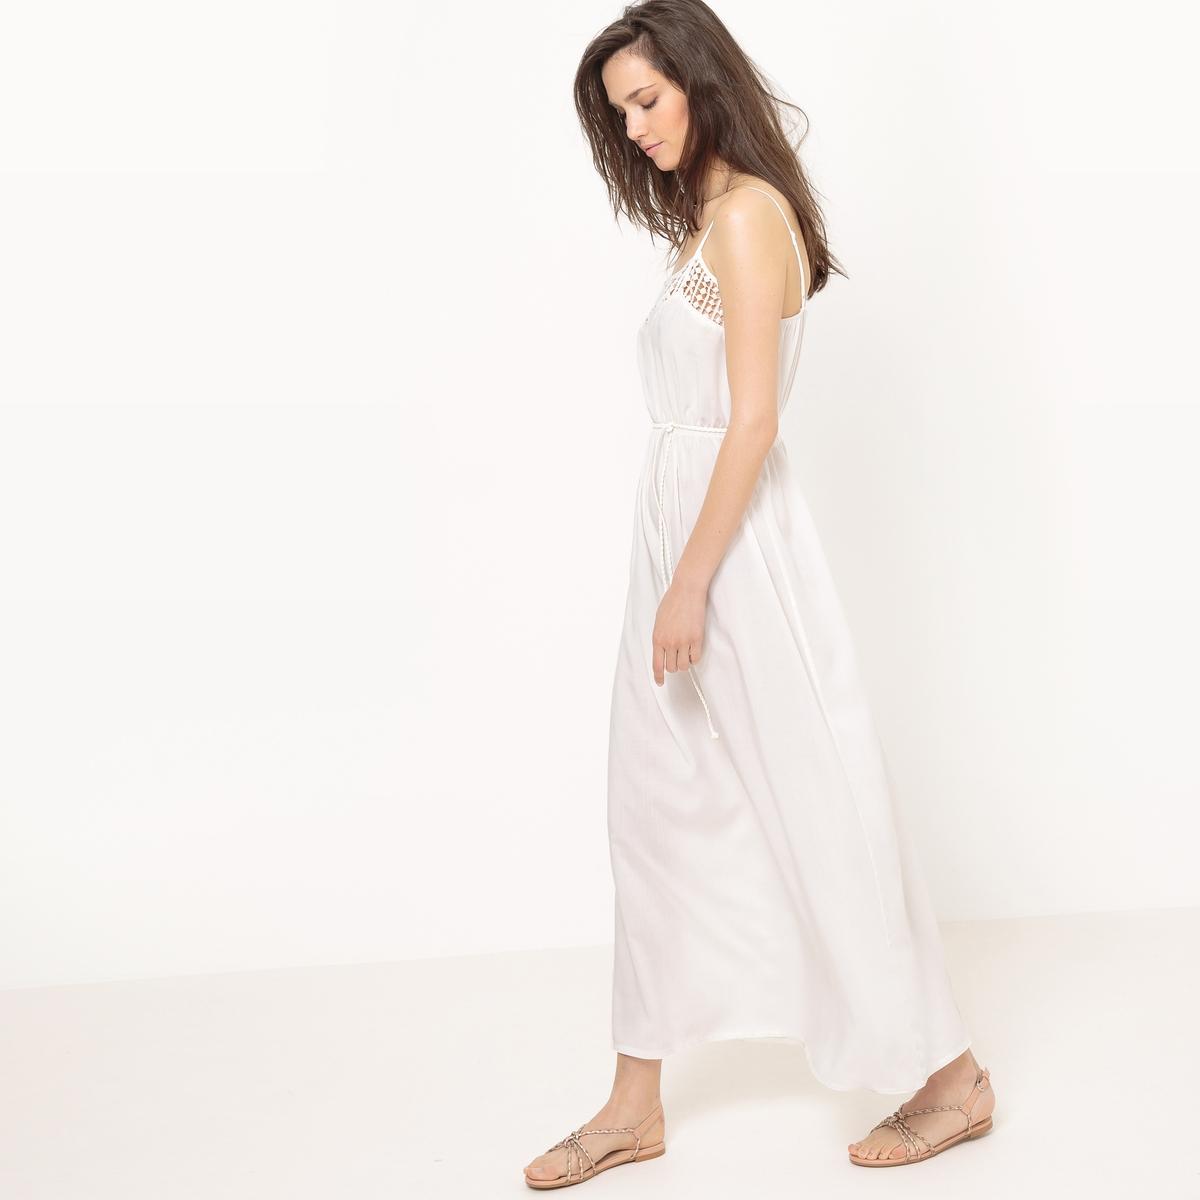 Платье длинное с тонкими бретелями и вышивкойДетали   •  Форма : МАКСИ •  Длинное • Тонкие бретели     •   V-образный вырез Состав и уход  •  100% вискоза  •  Просьба следовать советам по уходу, указанным на этикетке изделия<br><br>Цвет: белый<br>Размер: L/XL